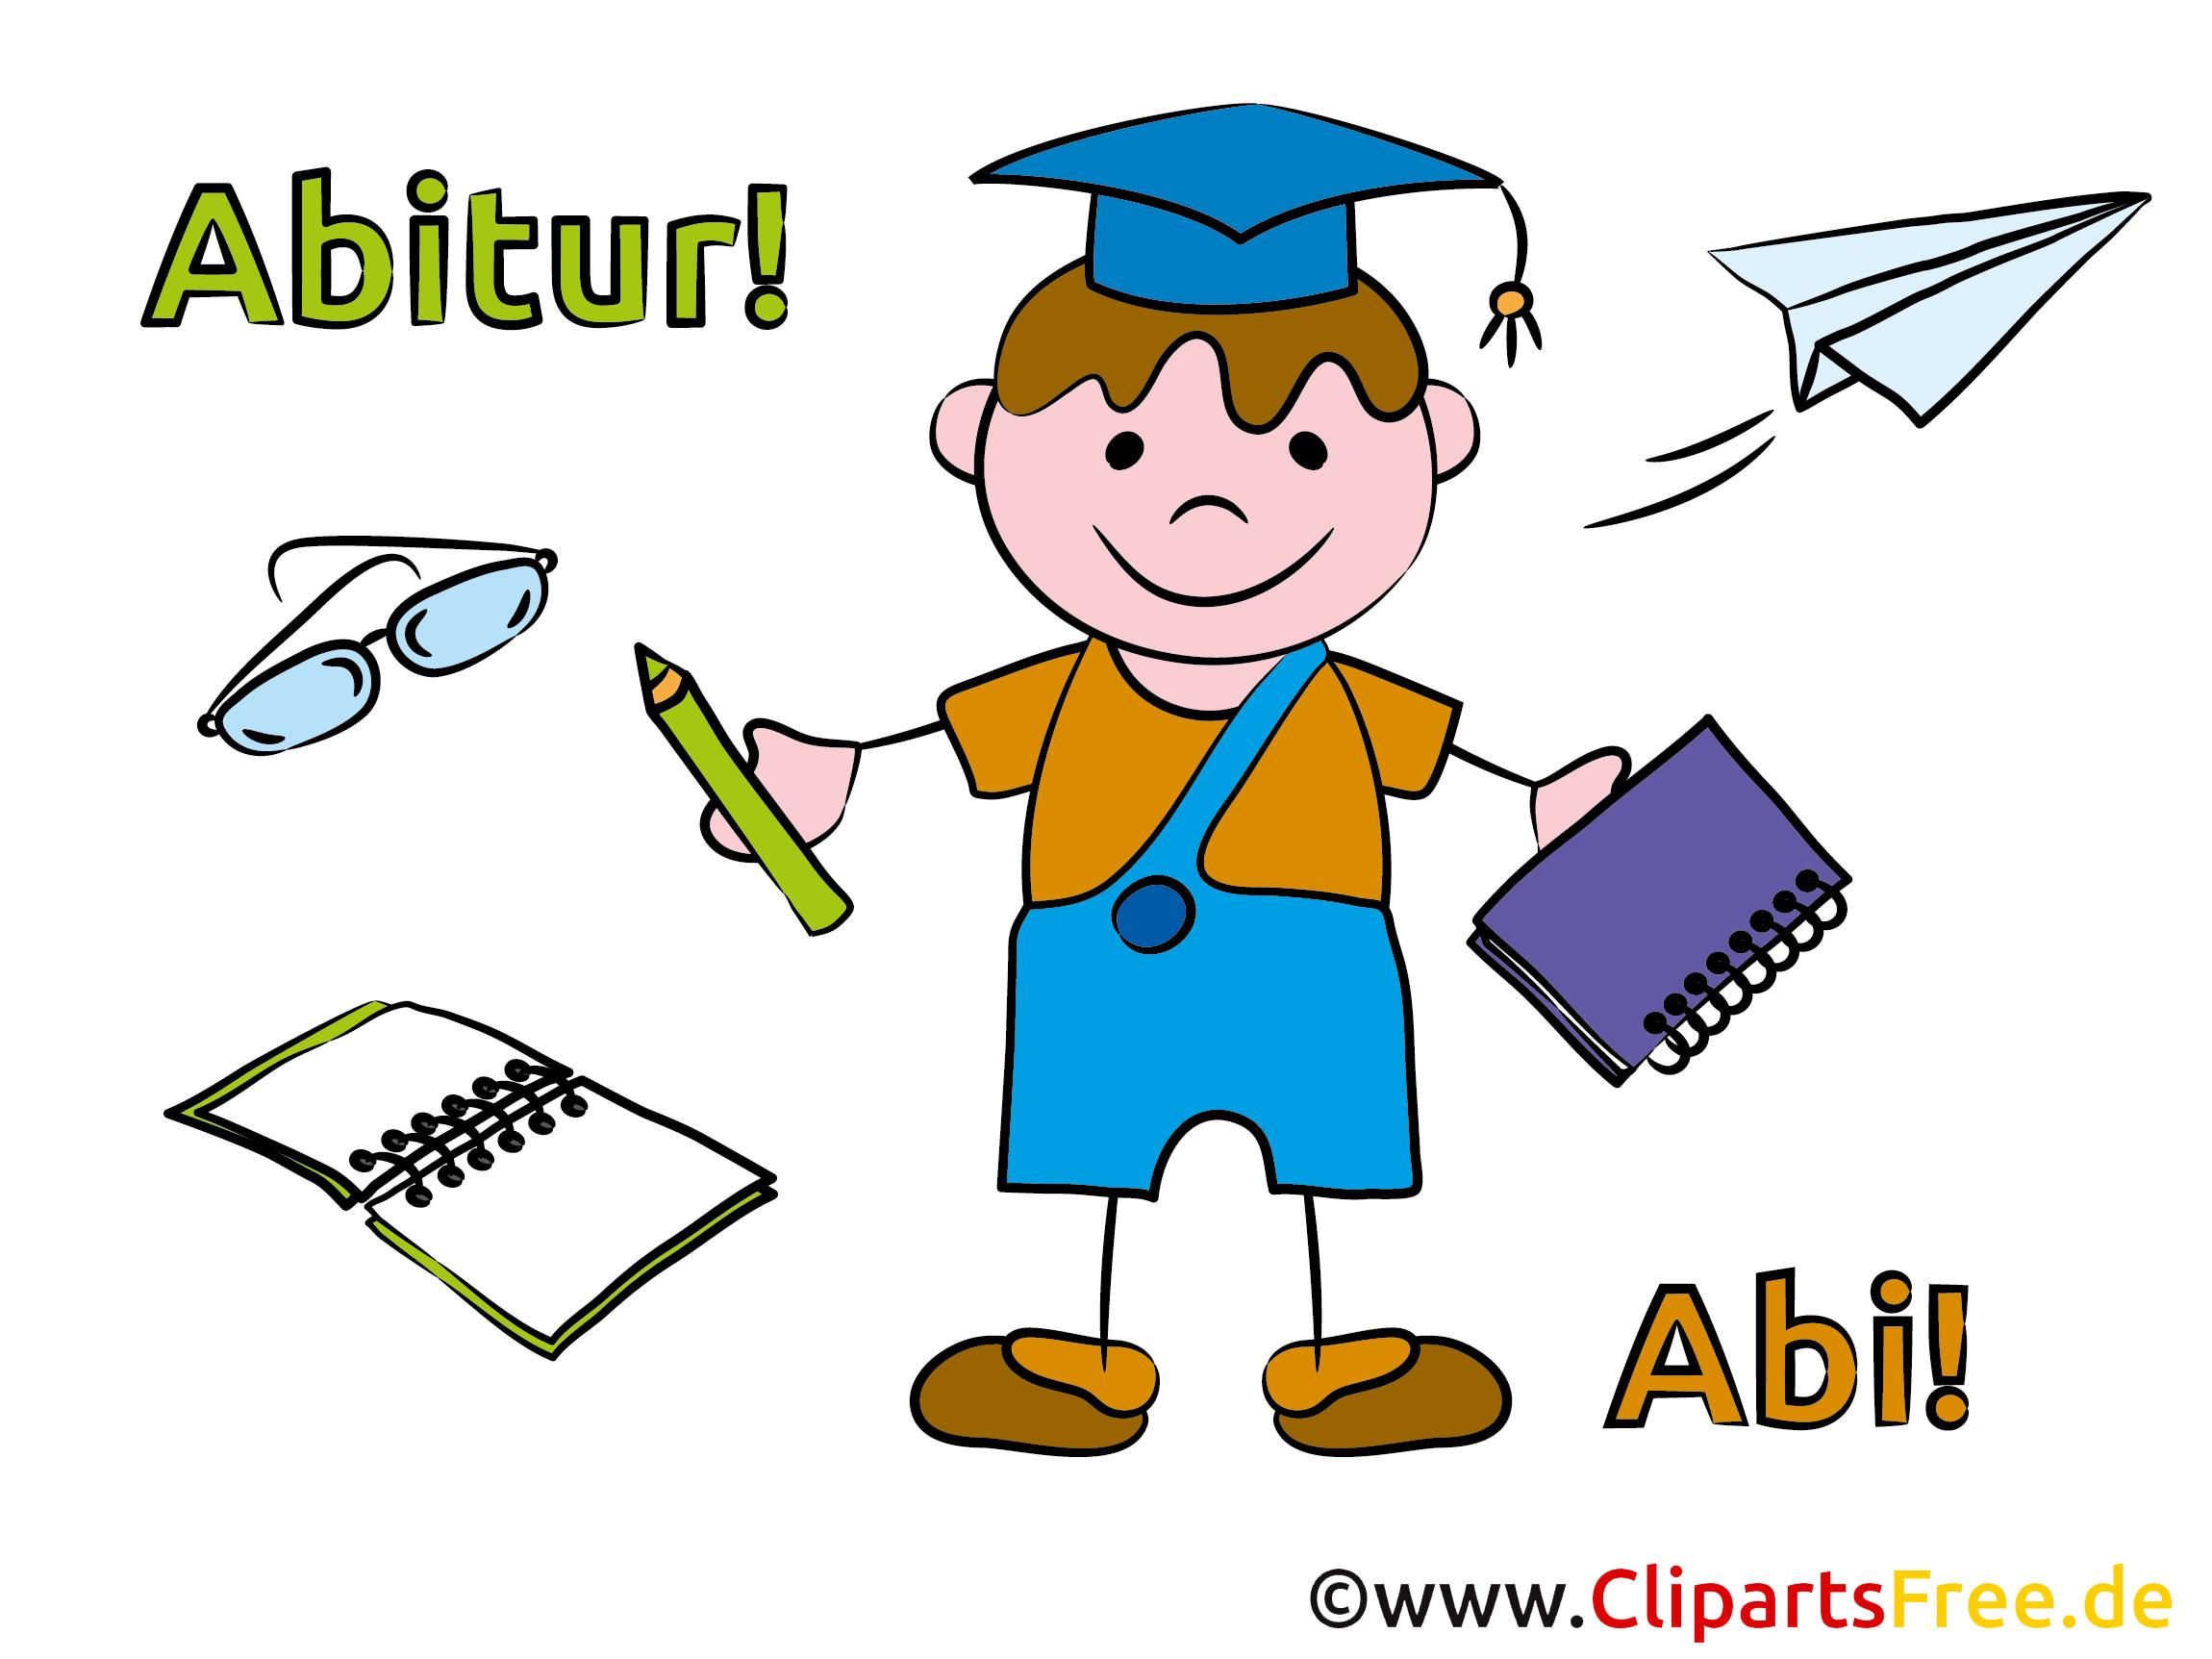 Abi Plakate Ideen mit unseren Cliparts